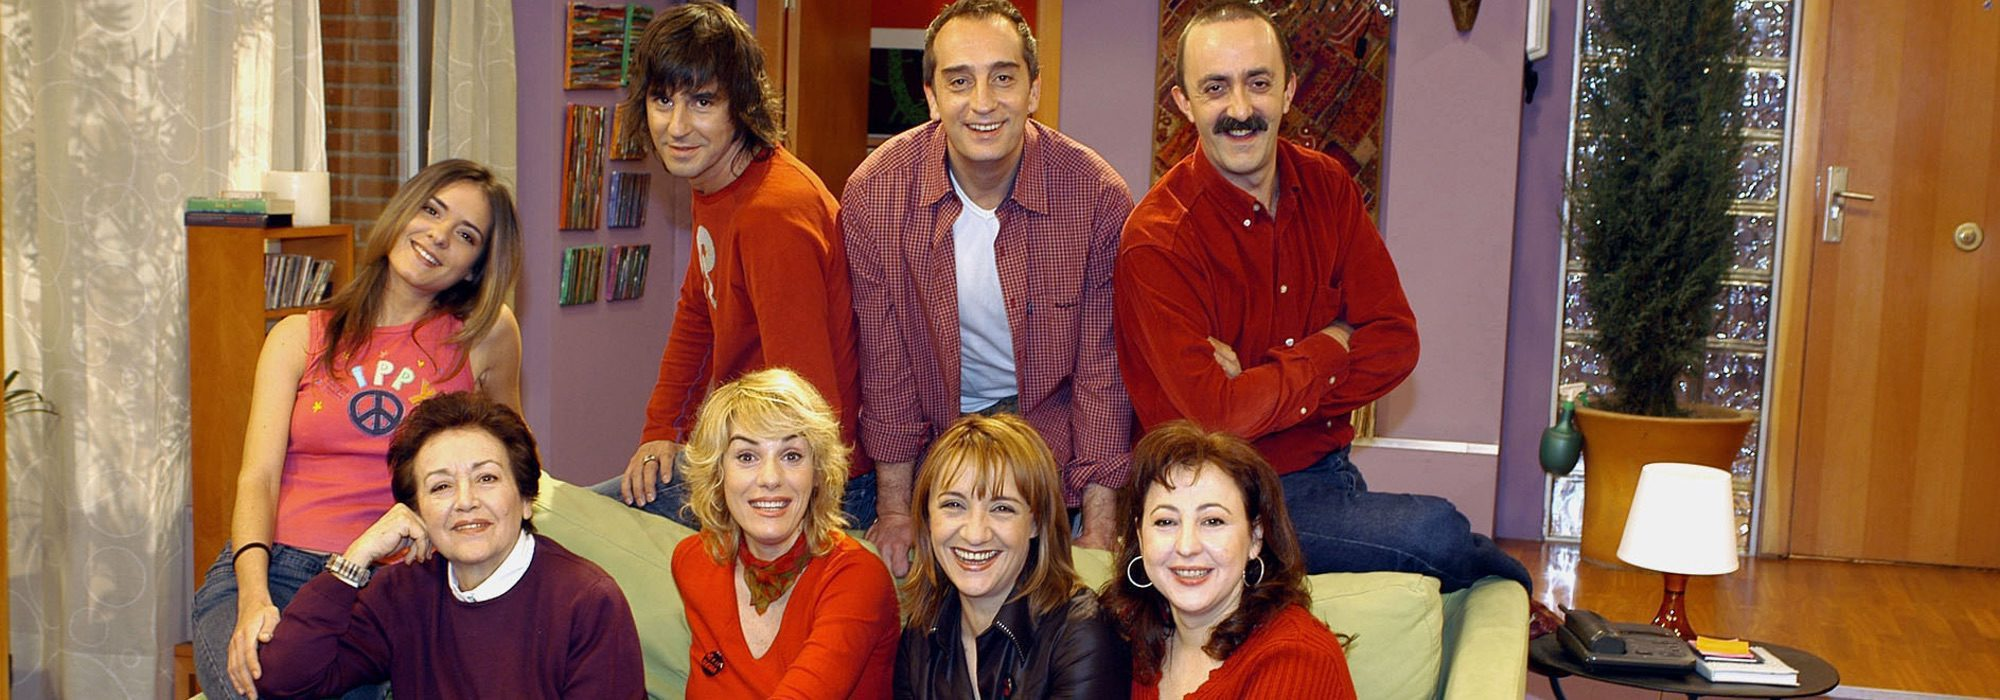 ¿Qué fue de los actores de las últimas temporadas de '7 vidas'?